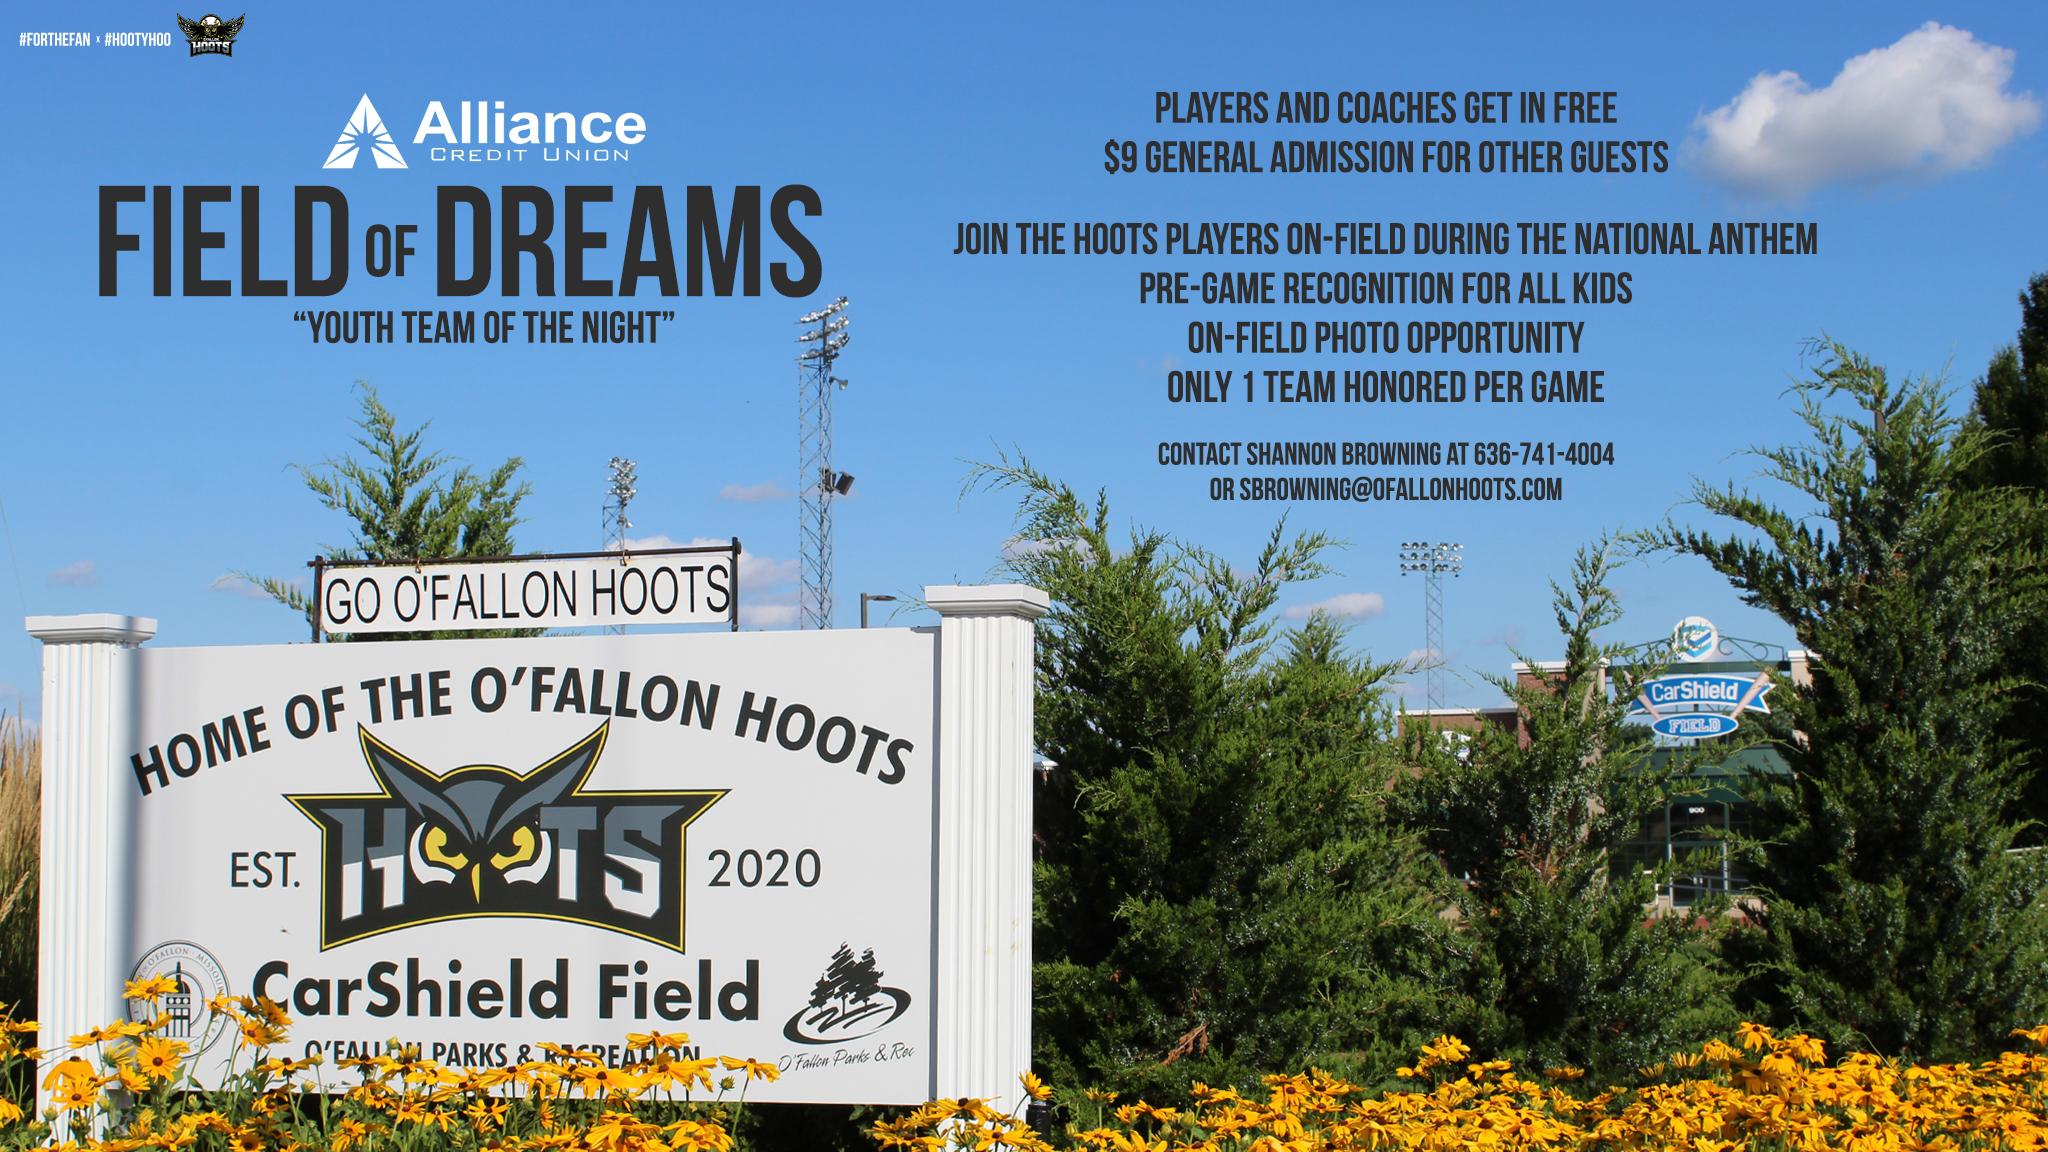 FieldOfDreams-Social